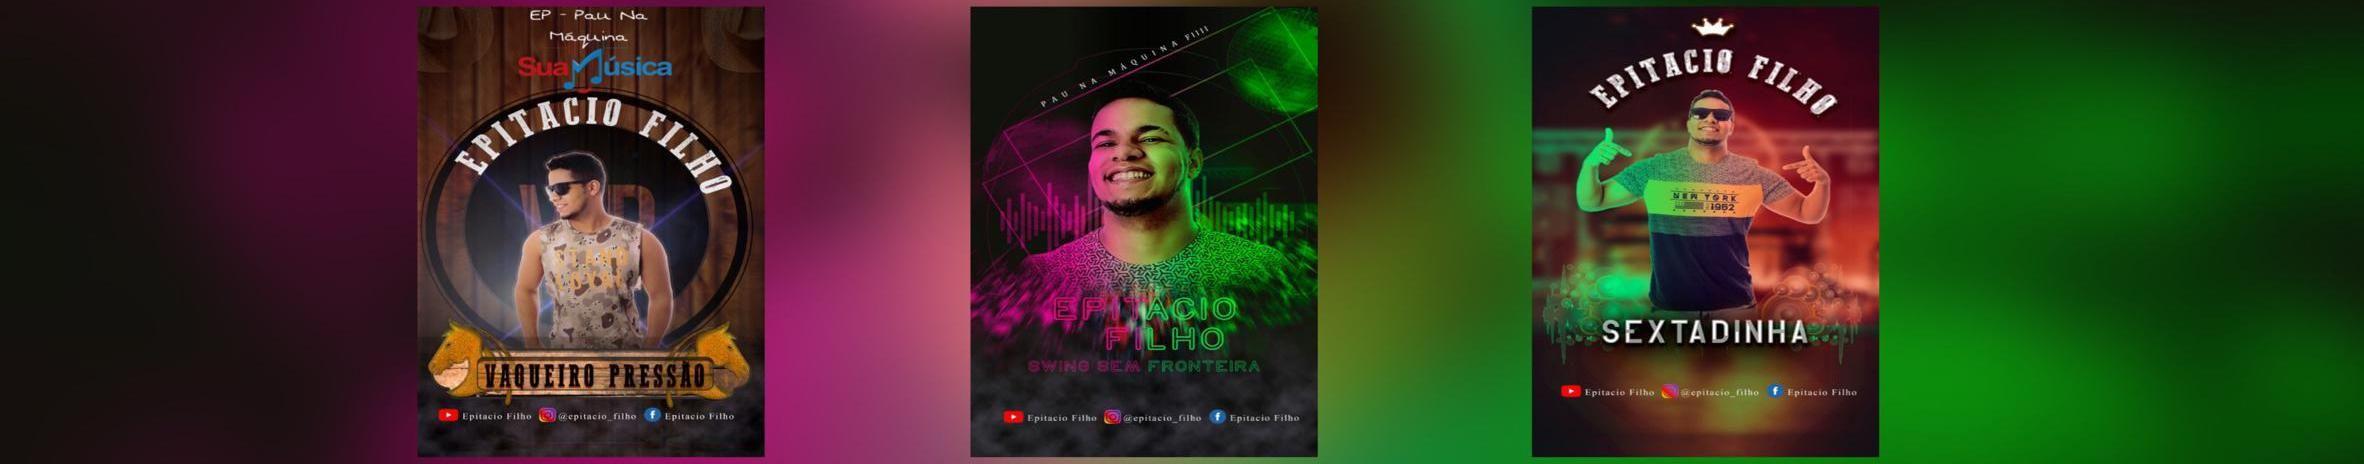 Imagem de capa de Epitacio Filho